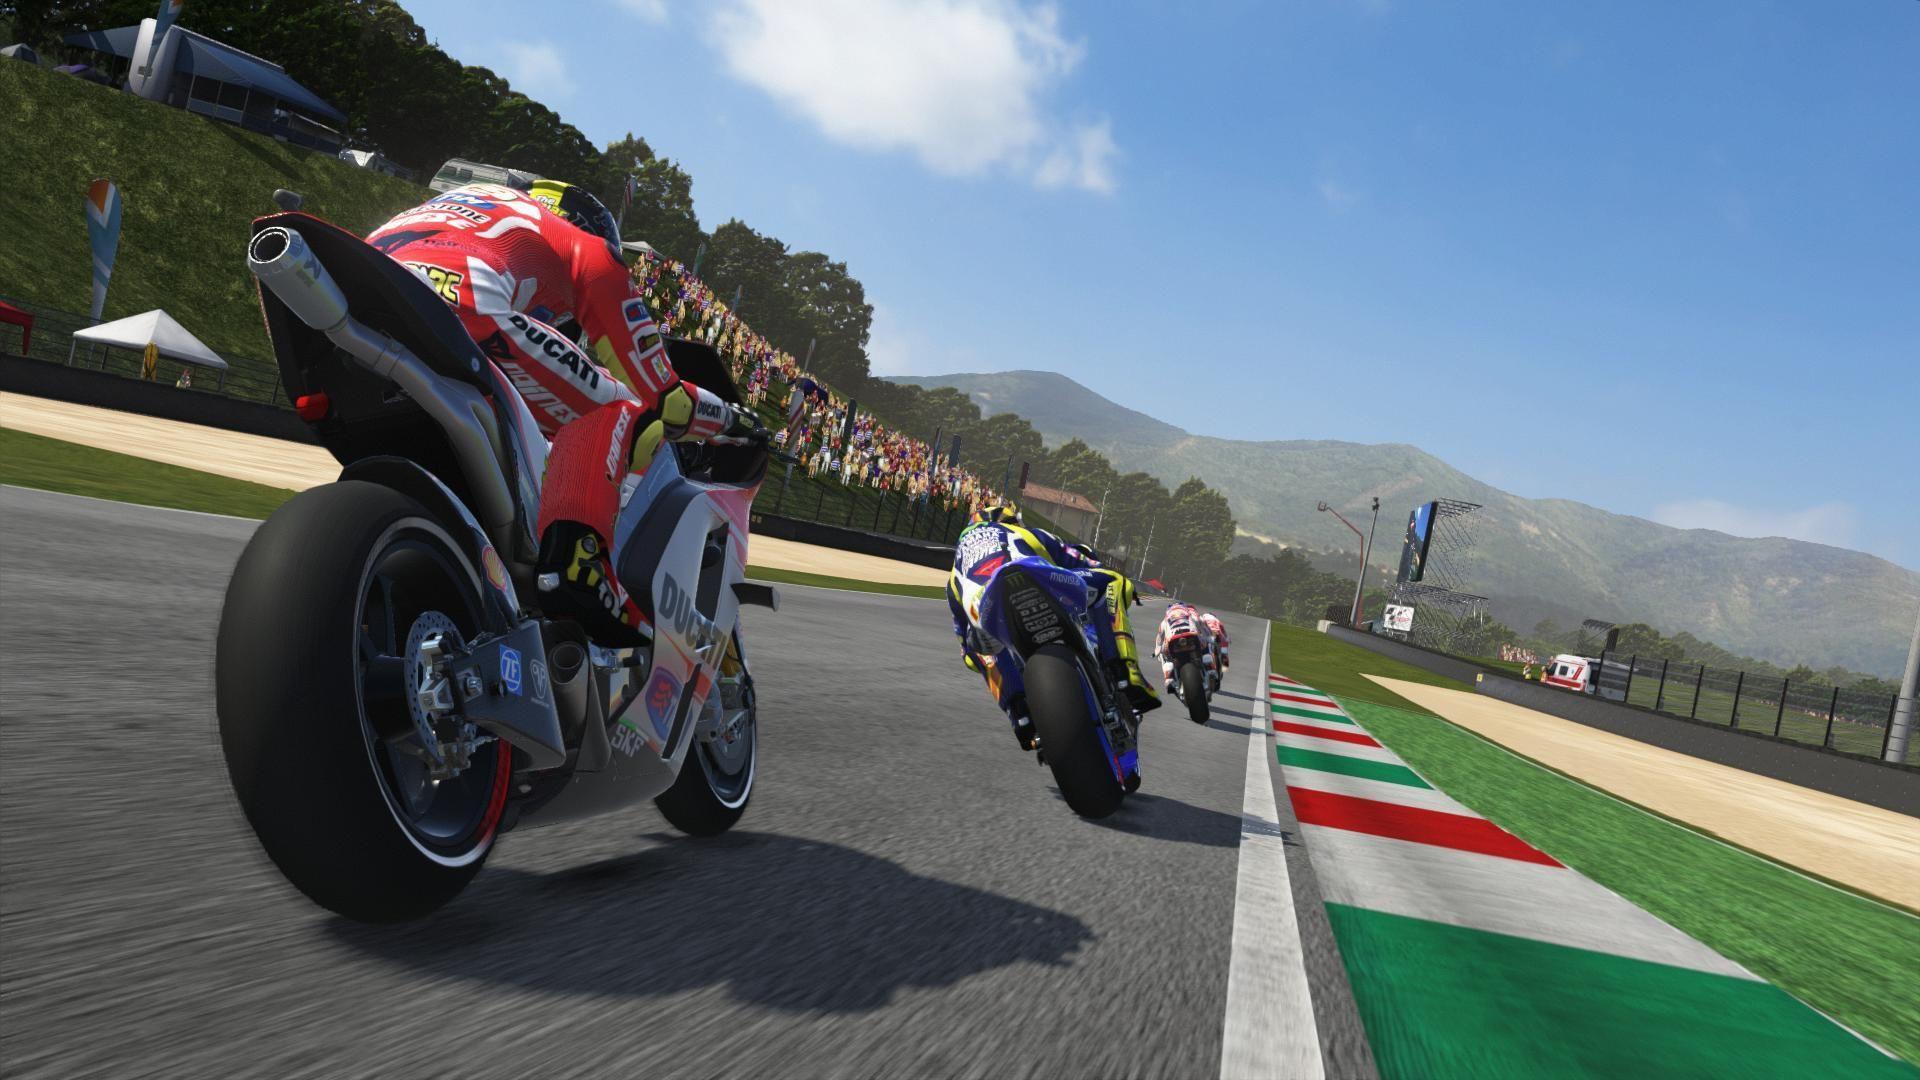 MotoGP 15 (PC) - 6